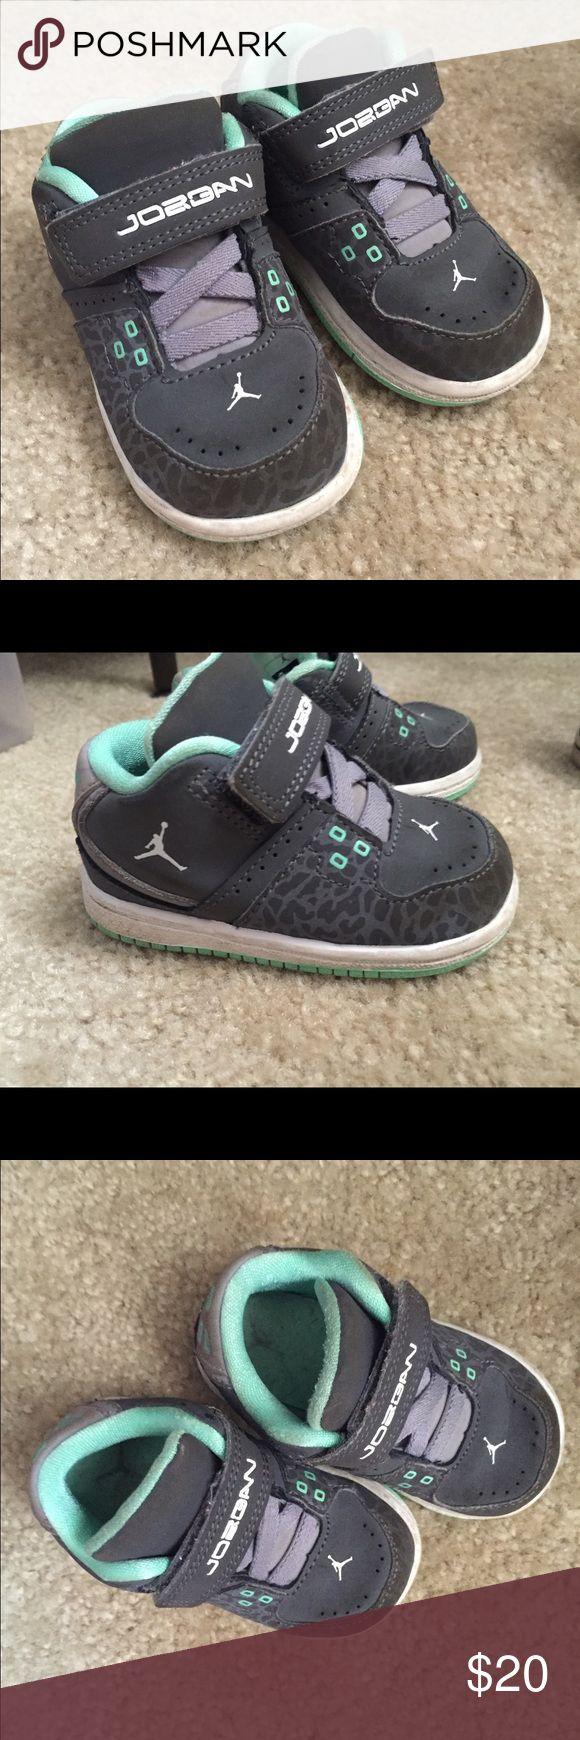 Baby Jordan's 3T 3T Jordan's gray and teal Jordan Shoes Sneakers